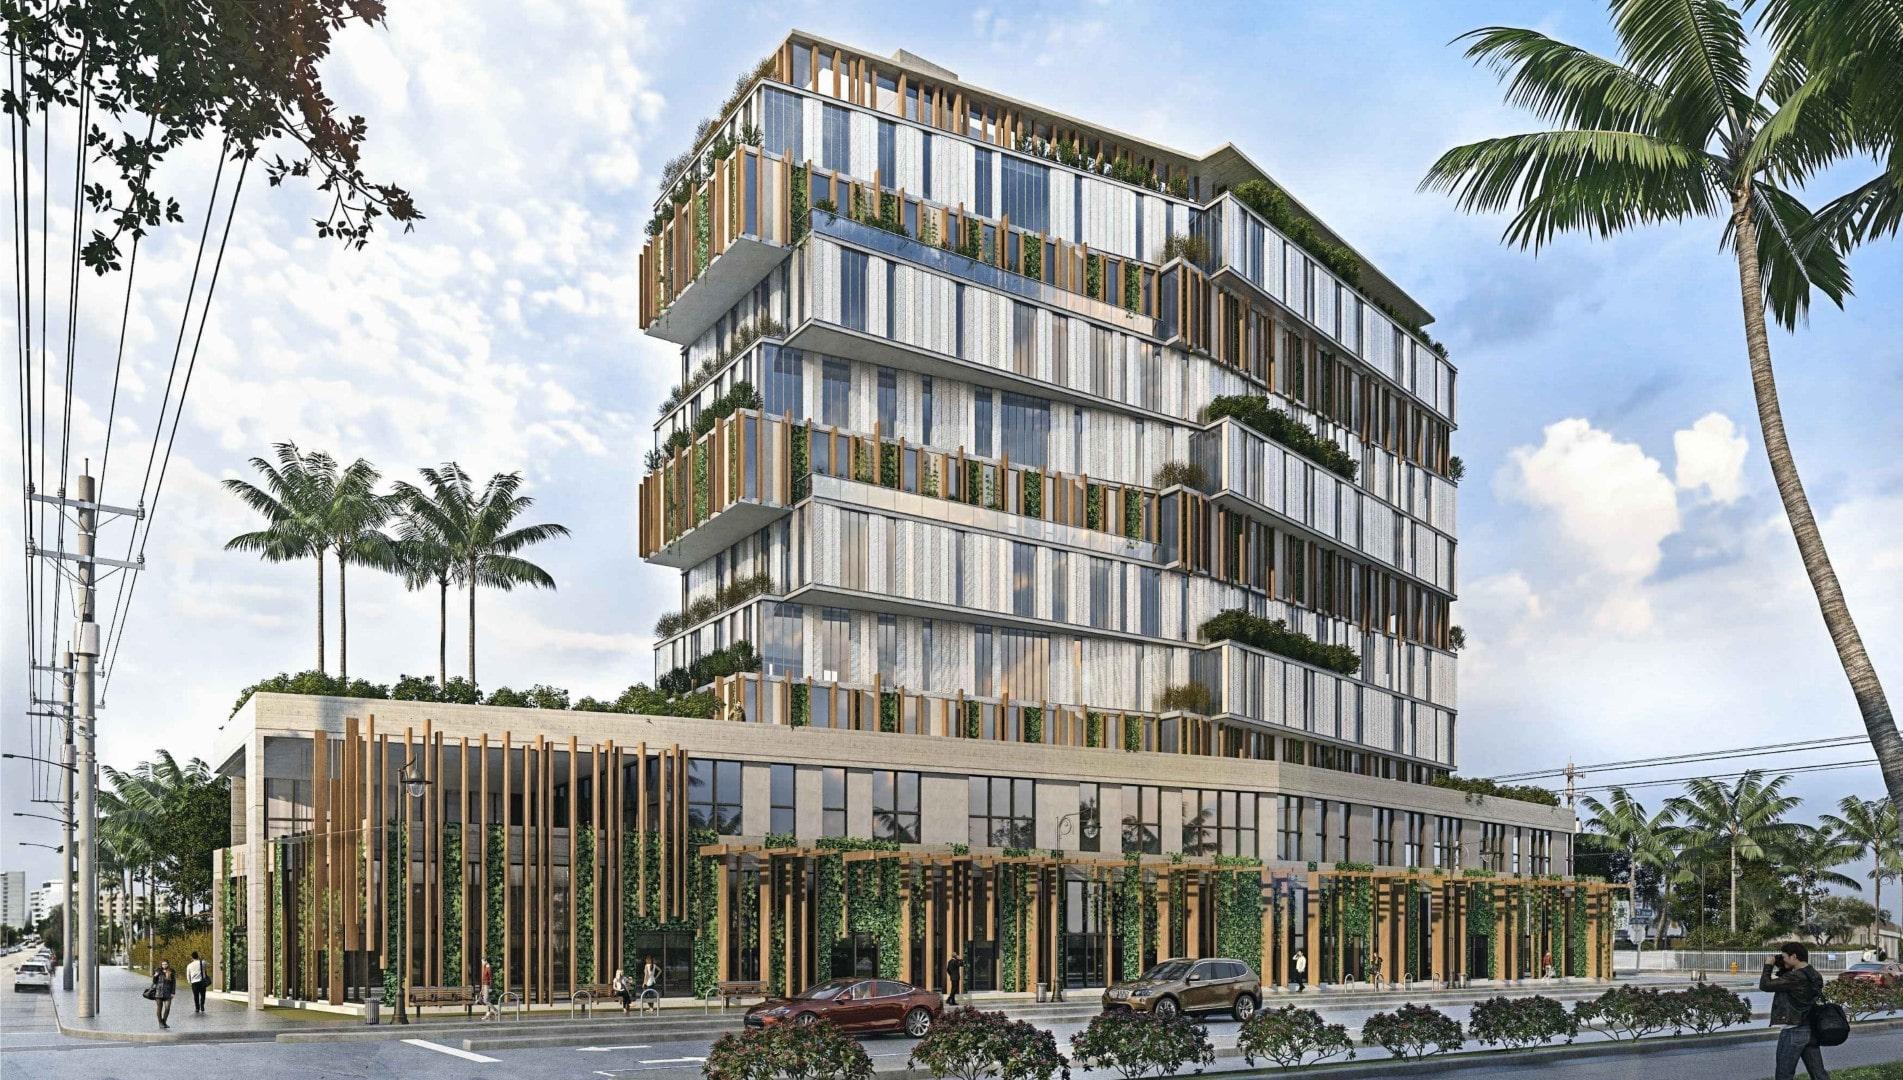 Propositions de réaménagement pour le théâtre Byron Carlyle à North Beach